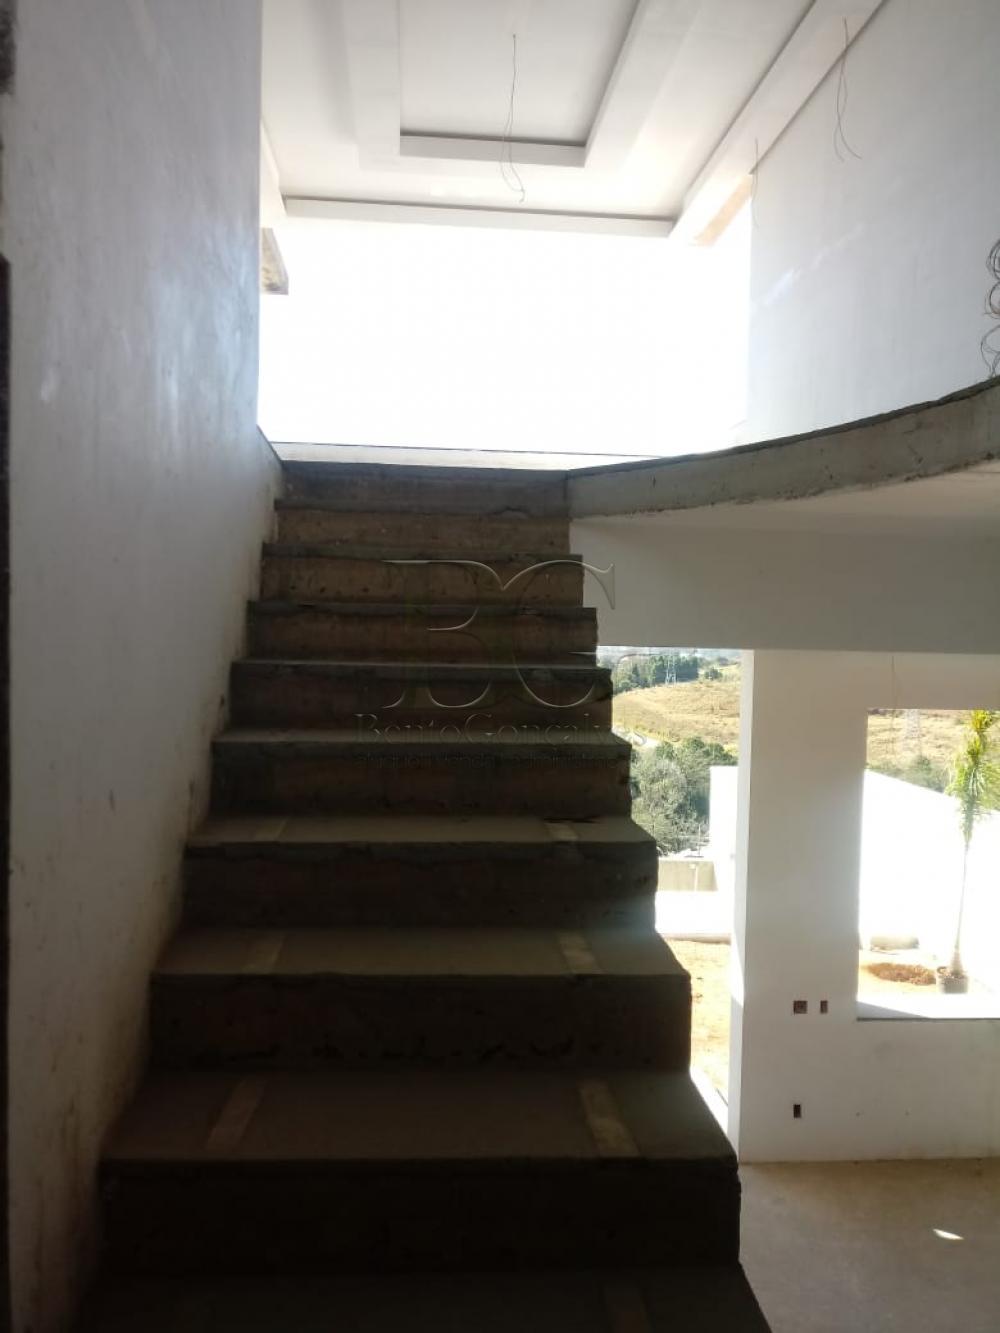 Comprar Casas / Padrão em Poços de Caldas apenas R$ 1.500.000,00 - Foto 25